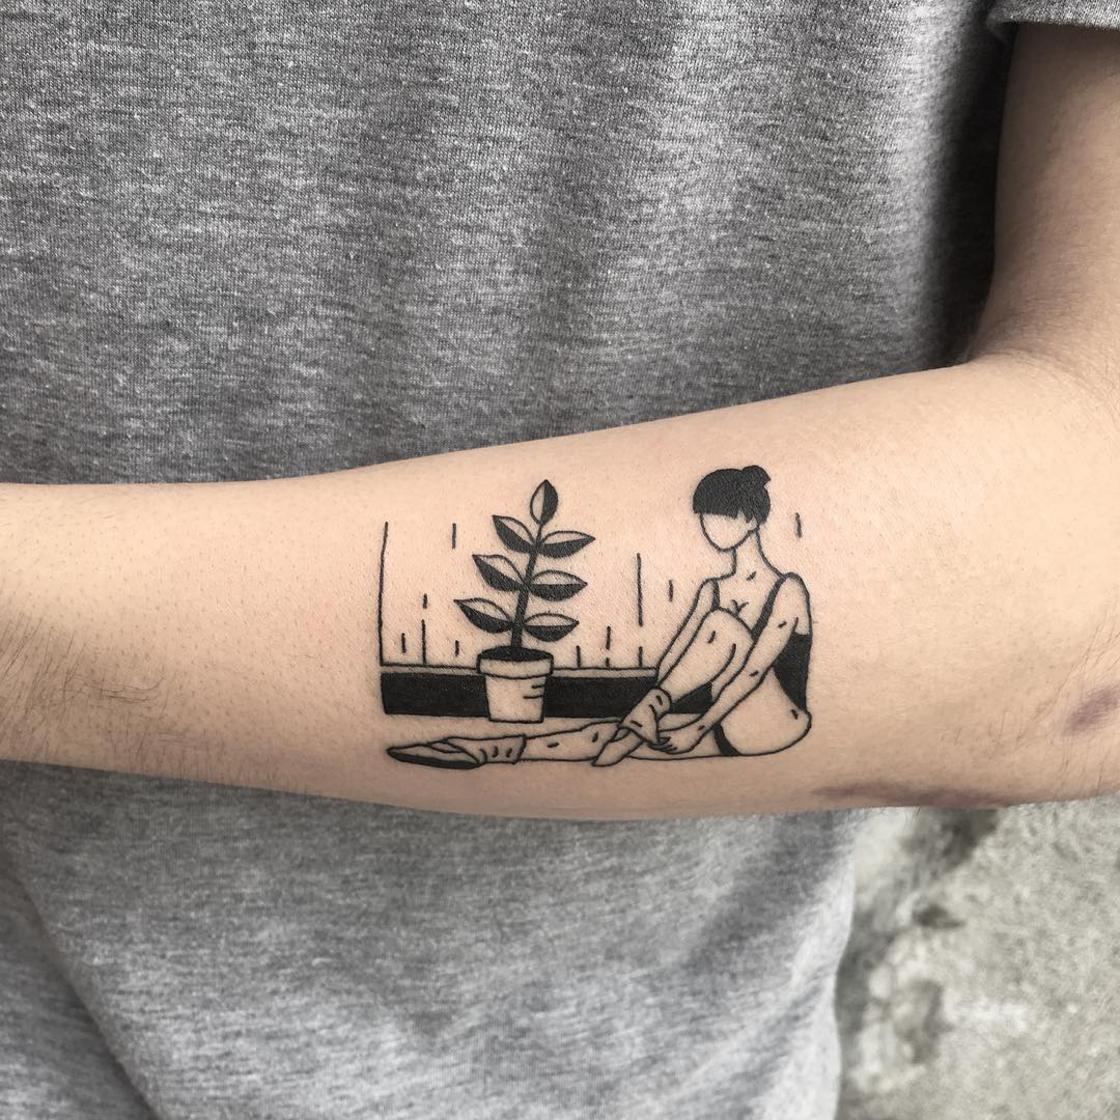 tattoos Hybrid Ink tattoo trends